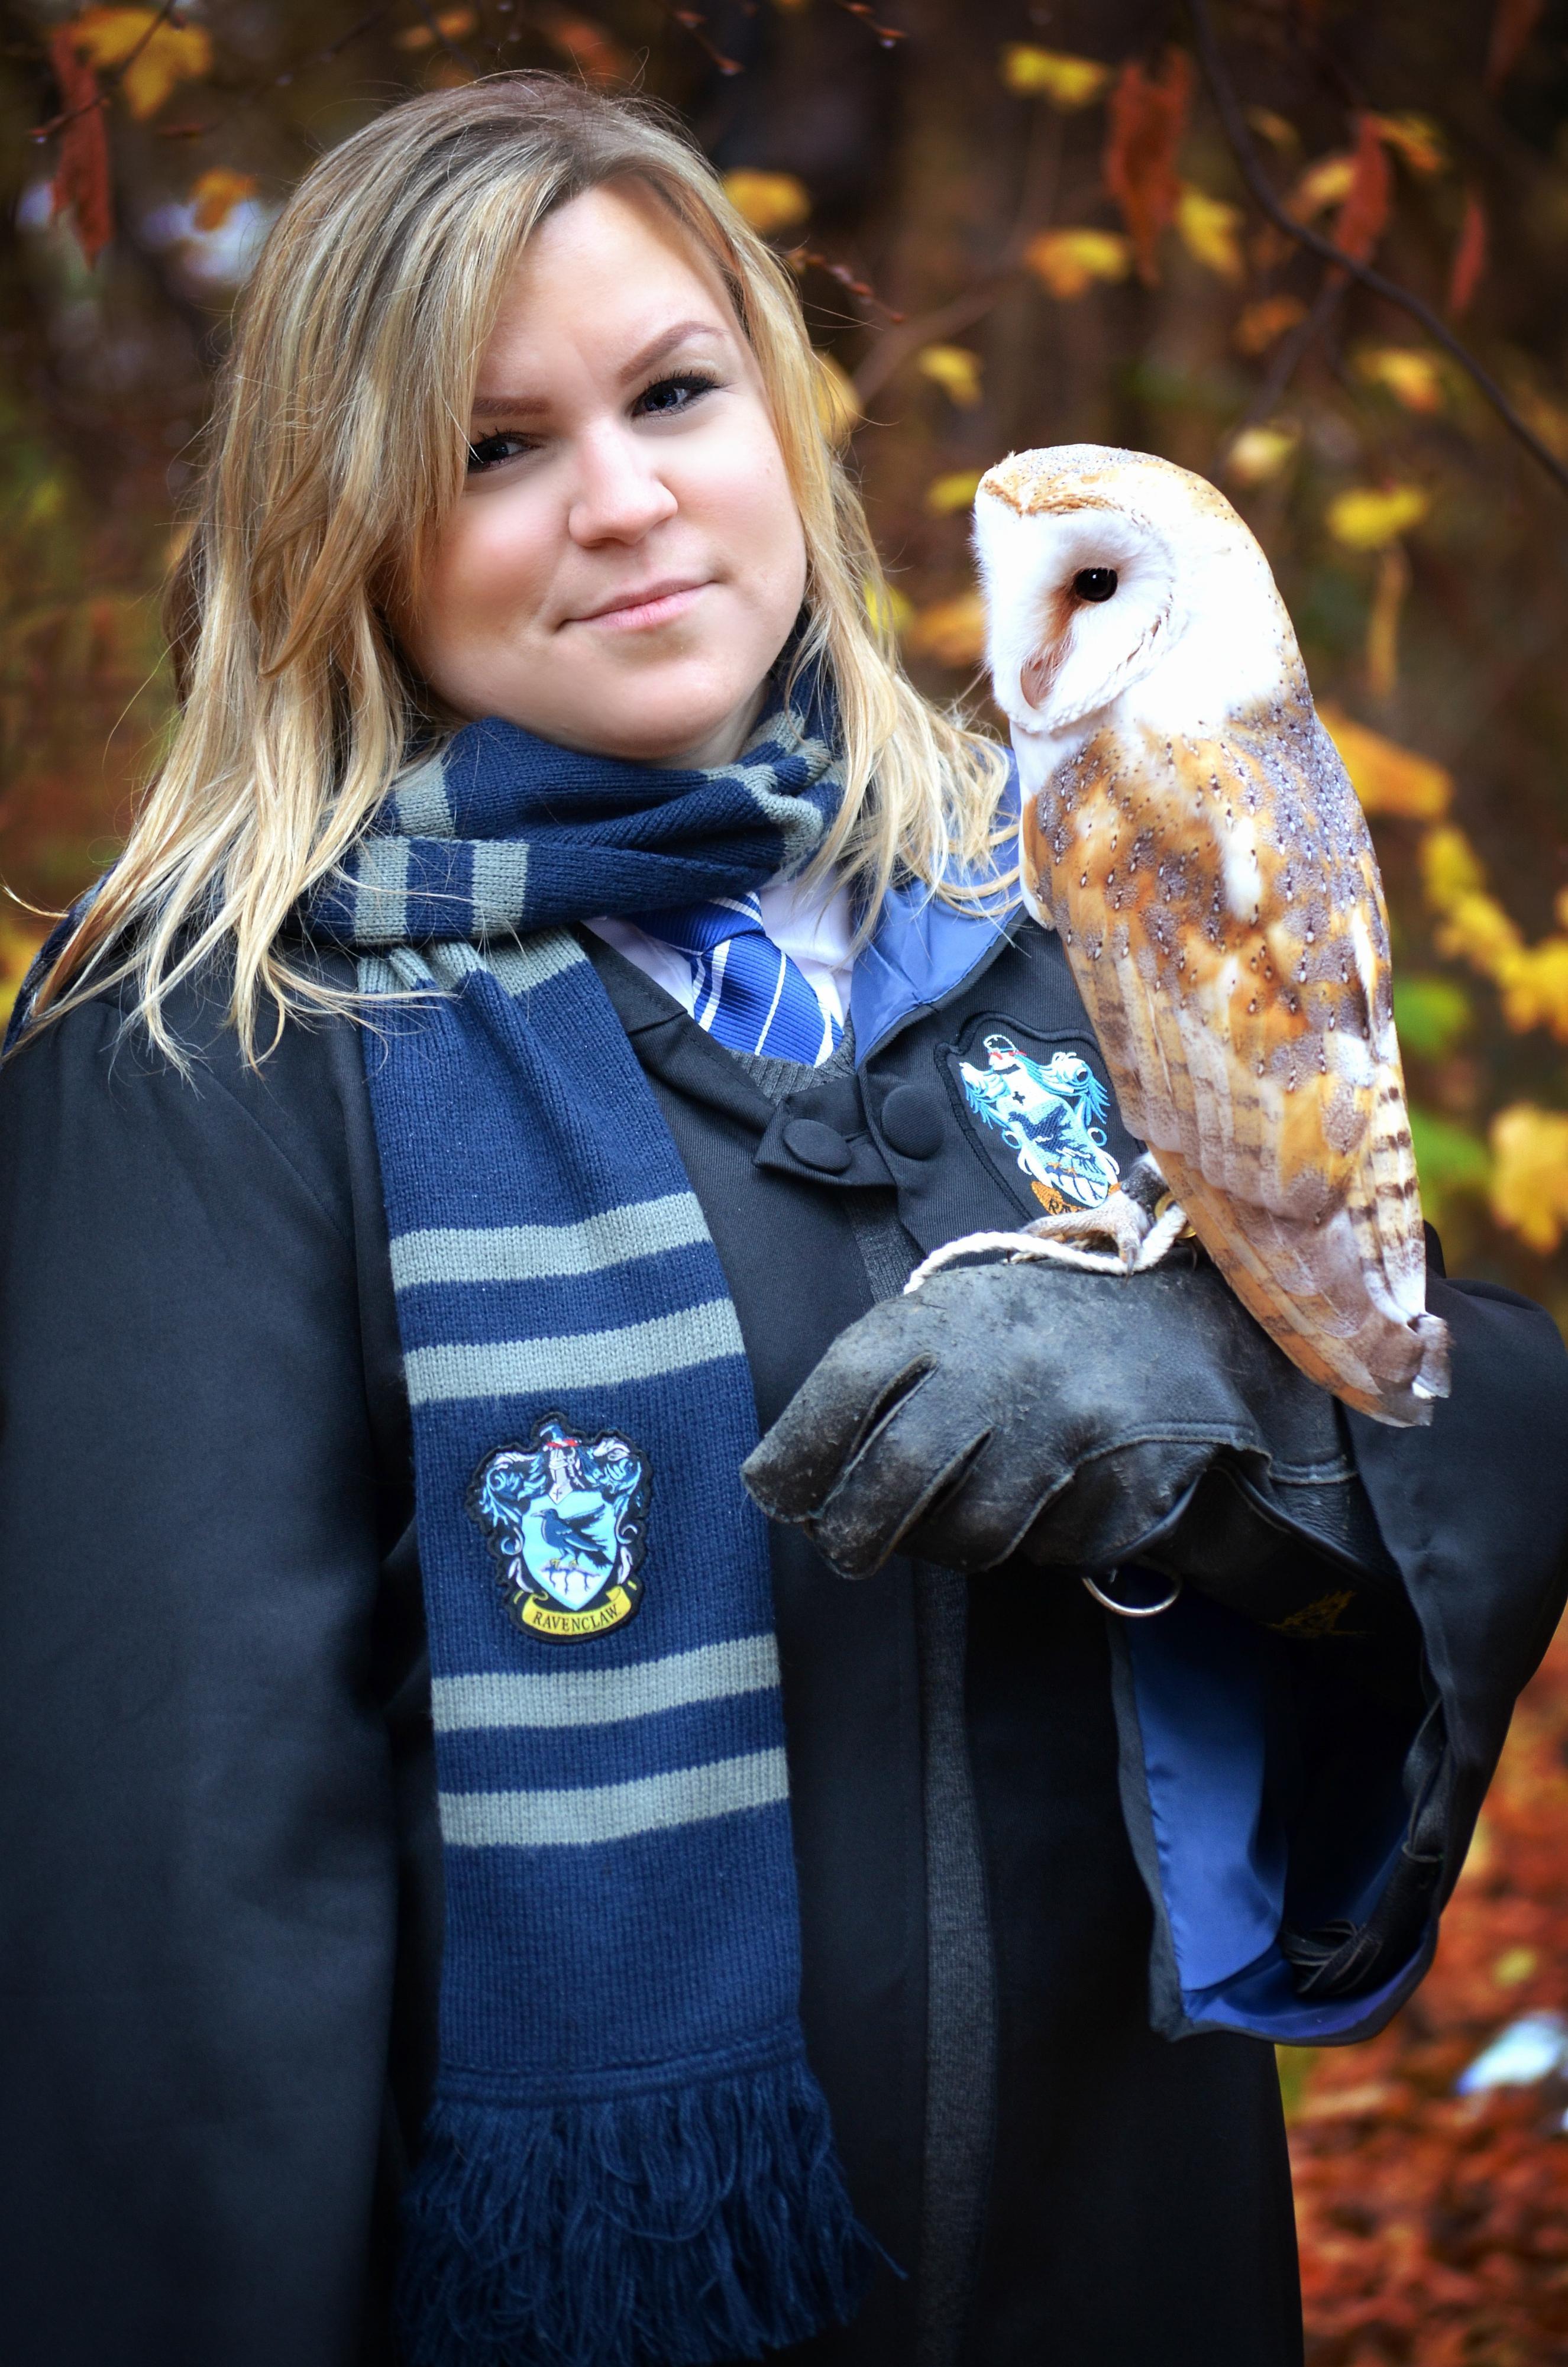 Schnee Eule Geschwister Bekommen Neuen Harry Potter Von Hedwig Kultur Munstersche Zeitung